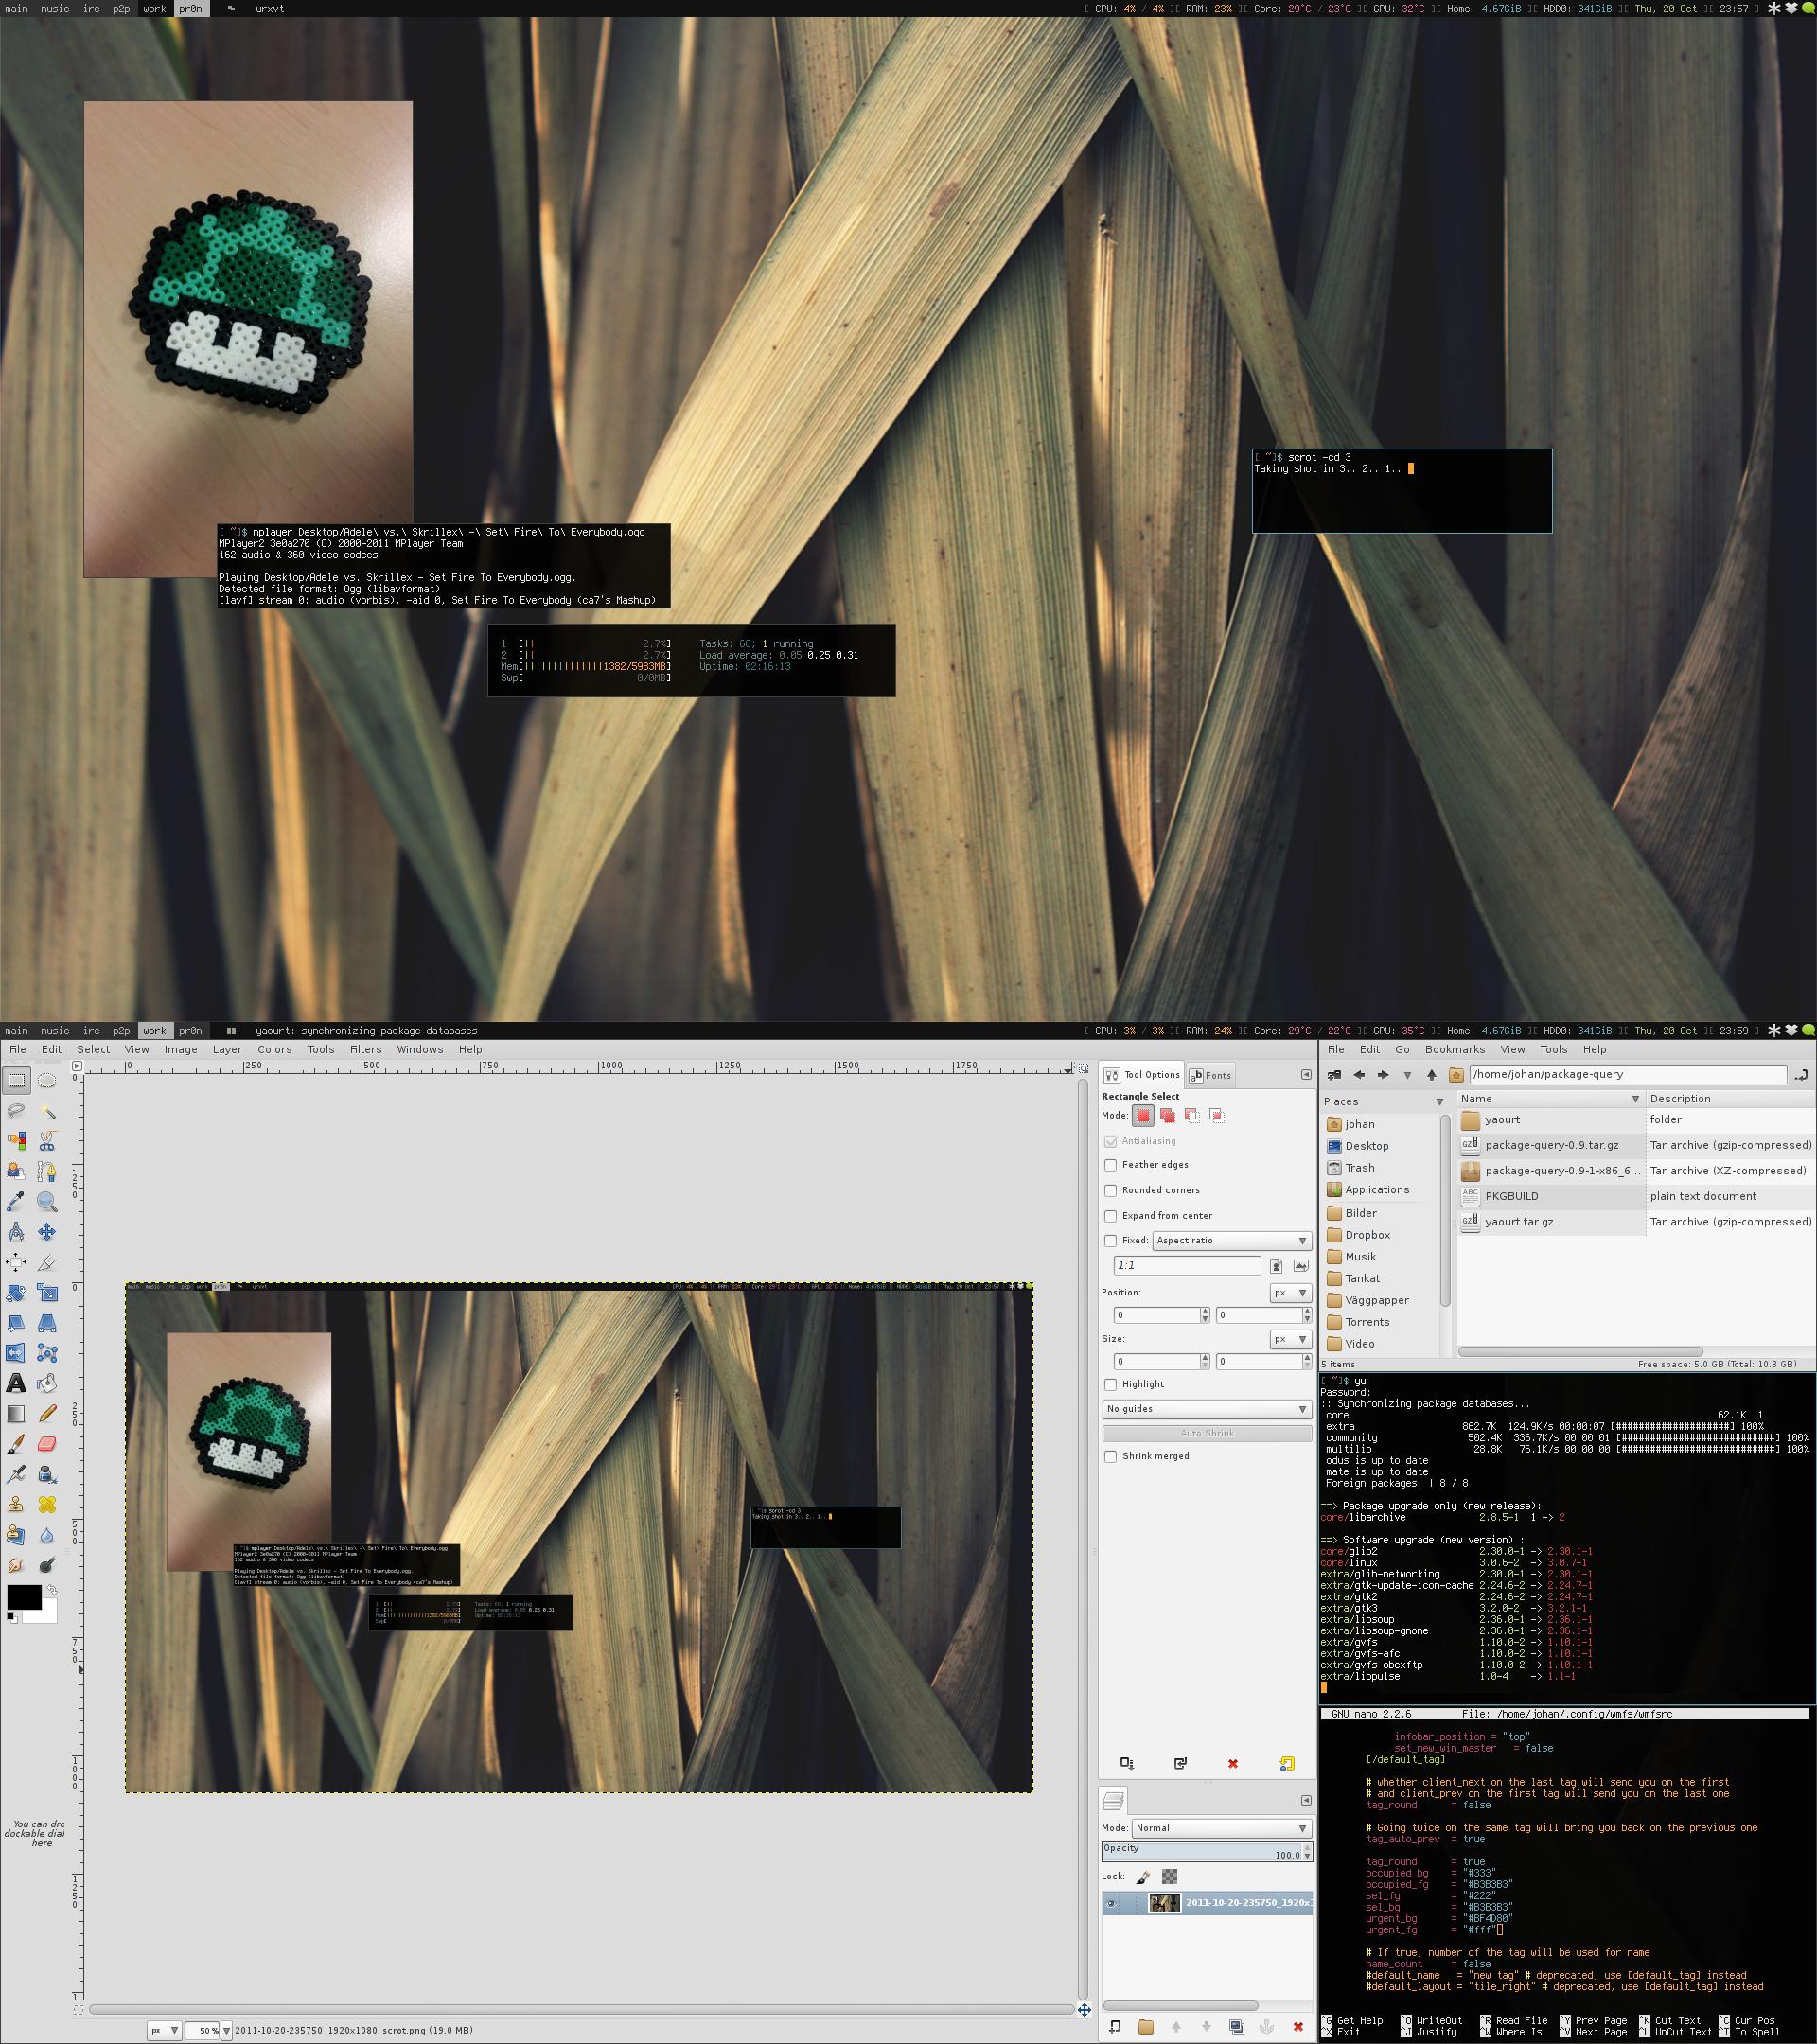 My Desktop - October 2011 by hundone